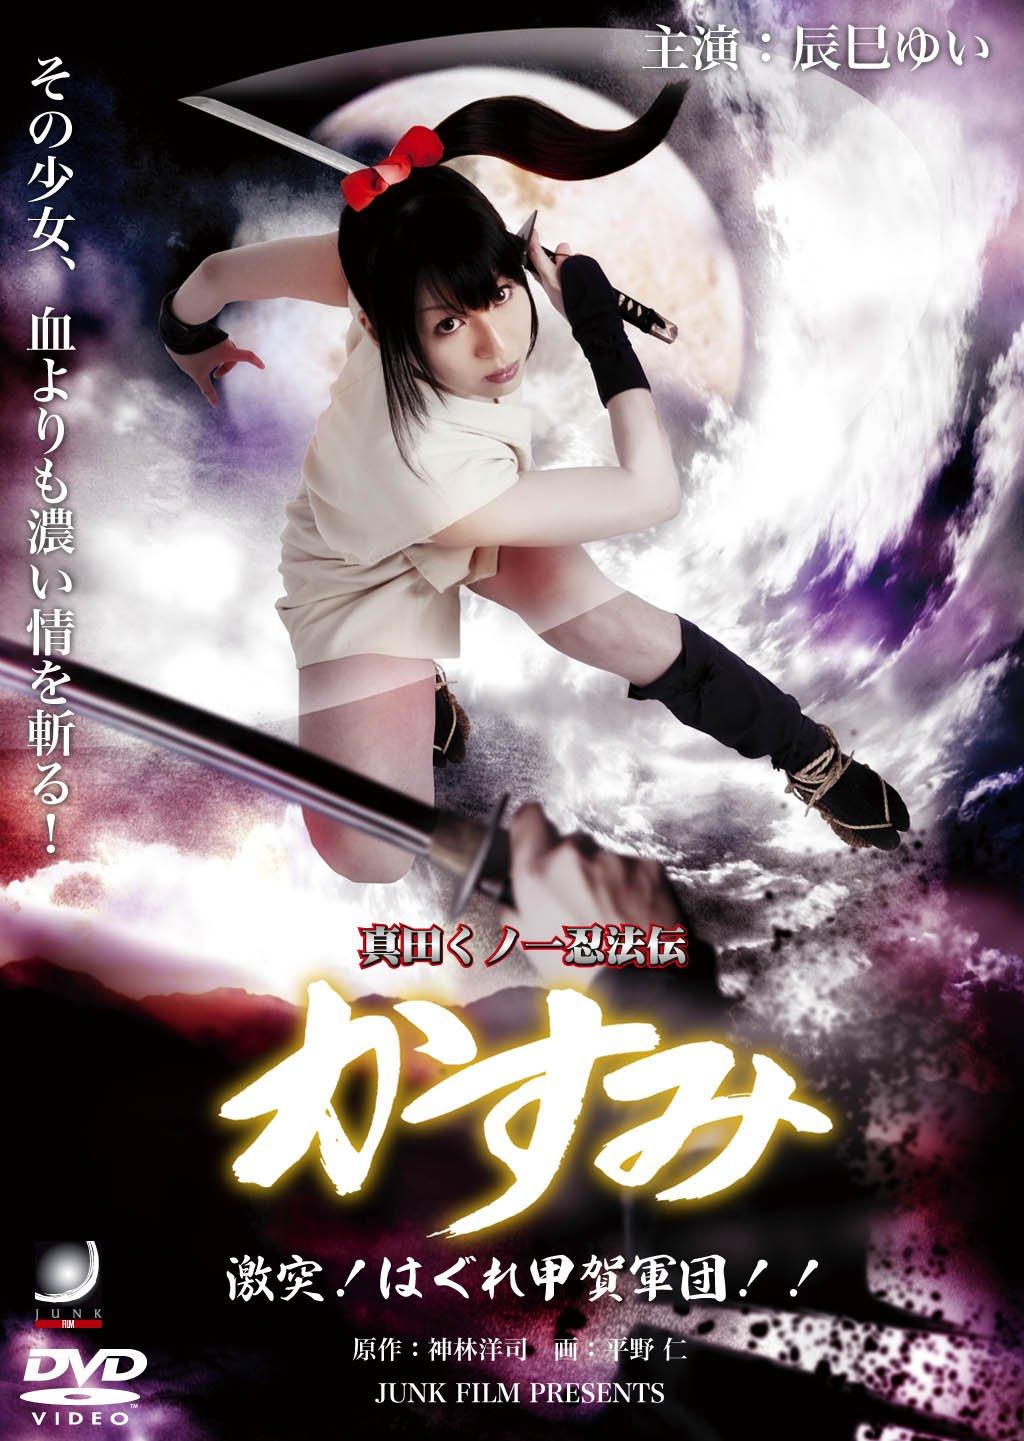 Lady Ninja Kasumi 8 (2009)